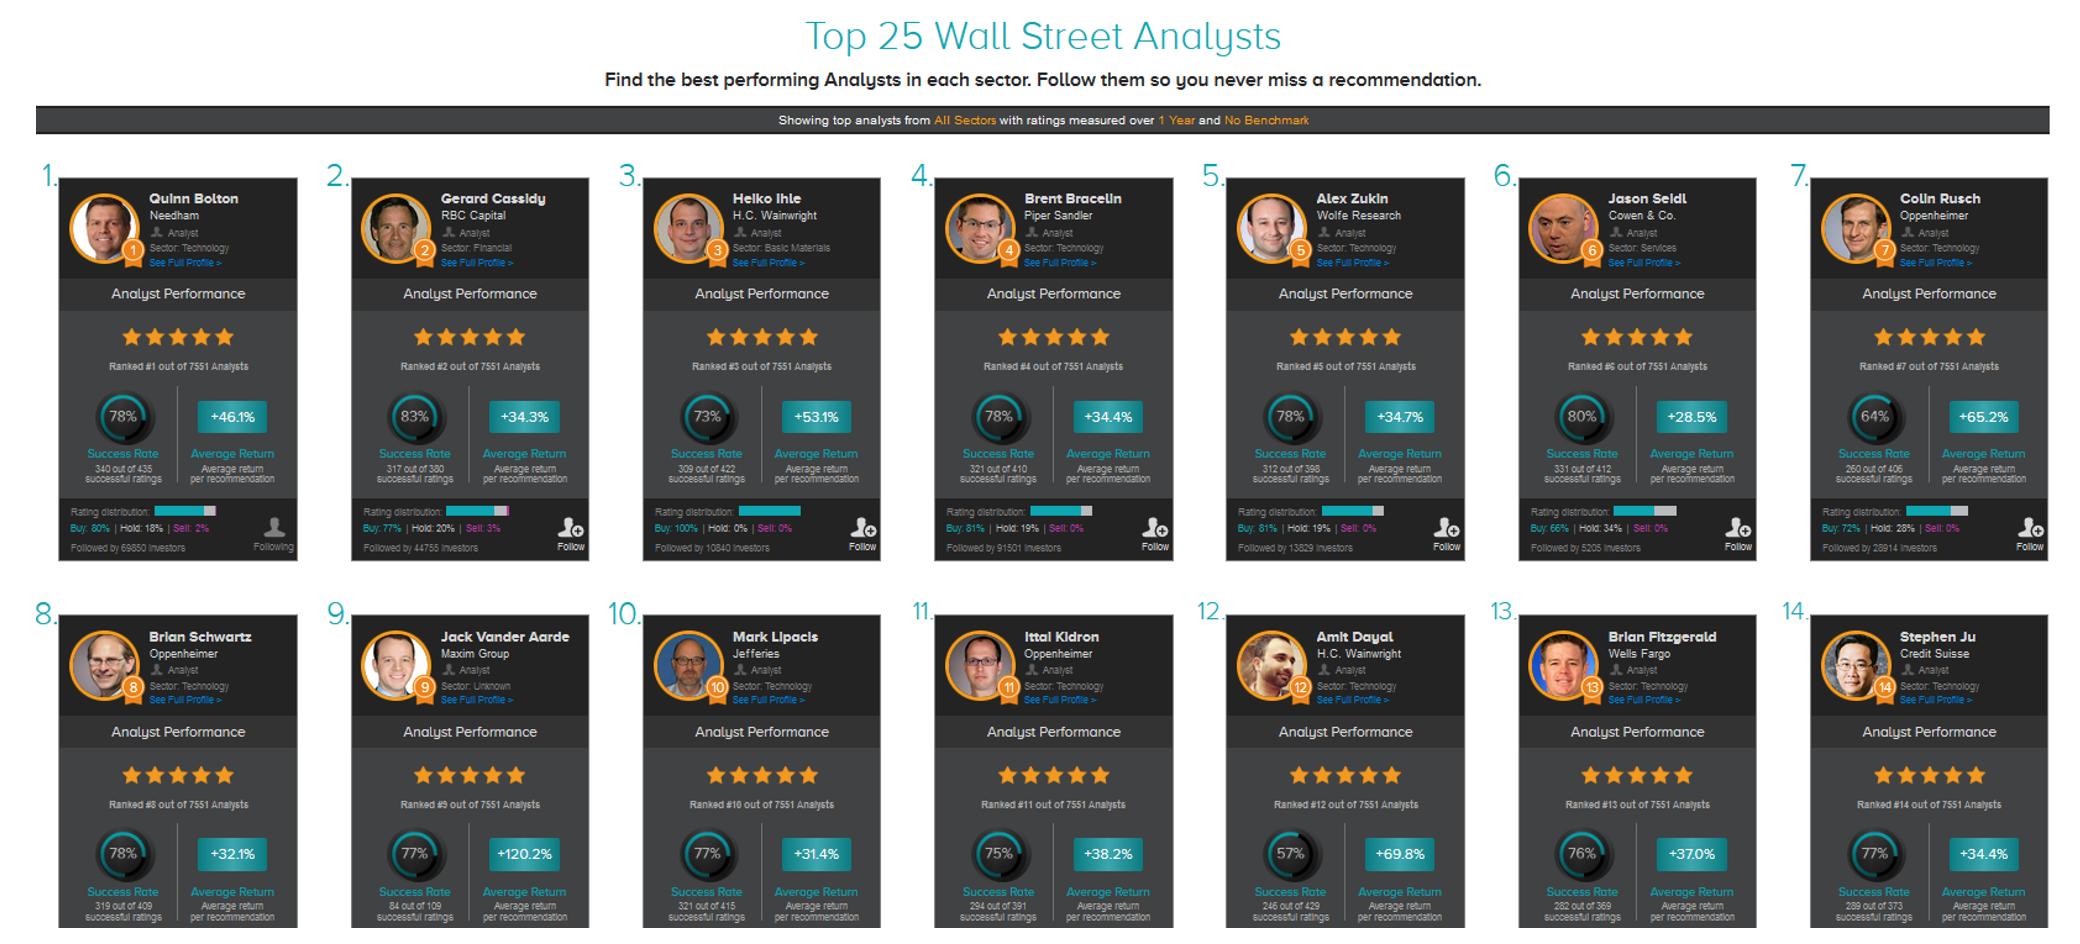 5 เว็บไซต์คู่ใจสำหรับการลงทุนต่างประเทศ I เว็บไซต์ที่ 4: ส่องพอร์ต Hedge Fund ด้วย TipRanks